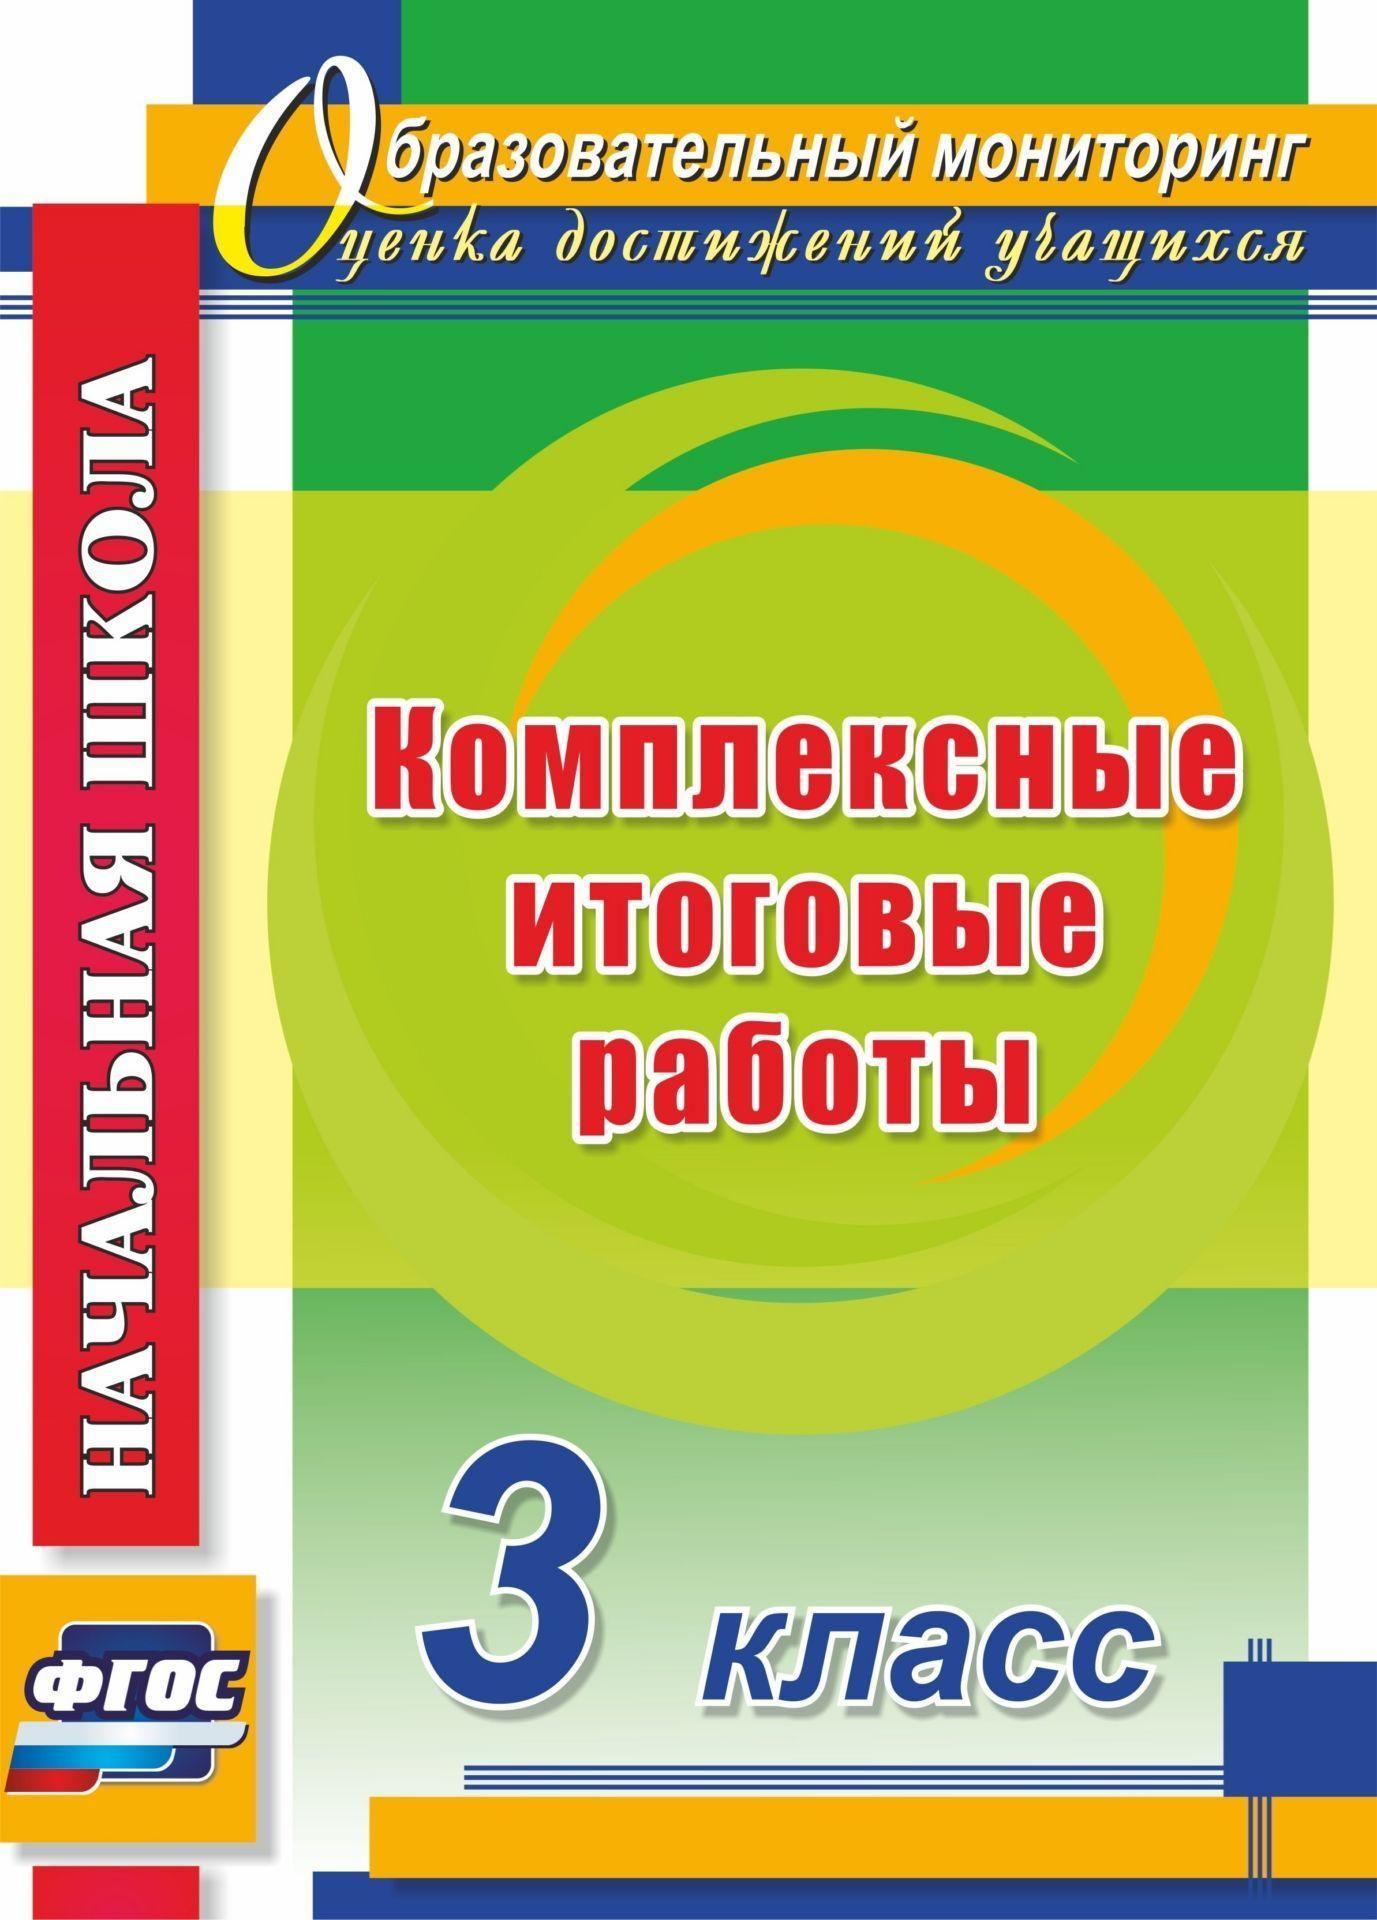 Е. А. Болотова, Т. А. Воронцова Комплексные итоговые работы. 3 класс